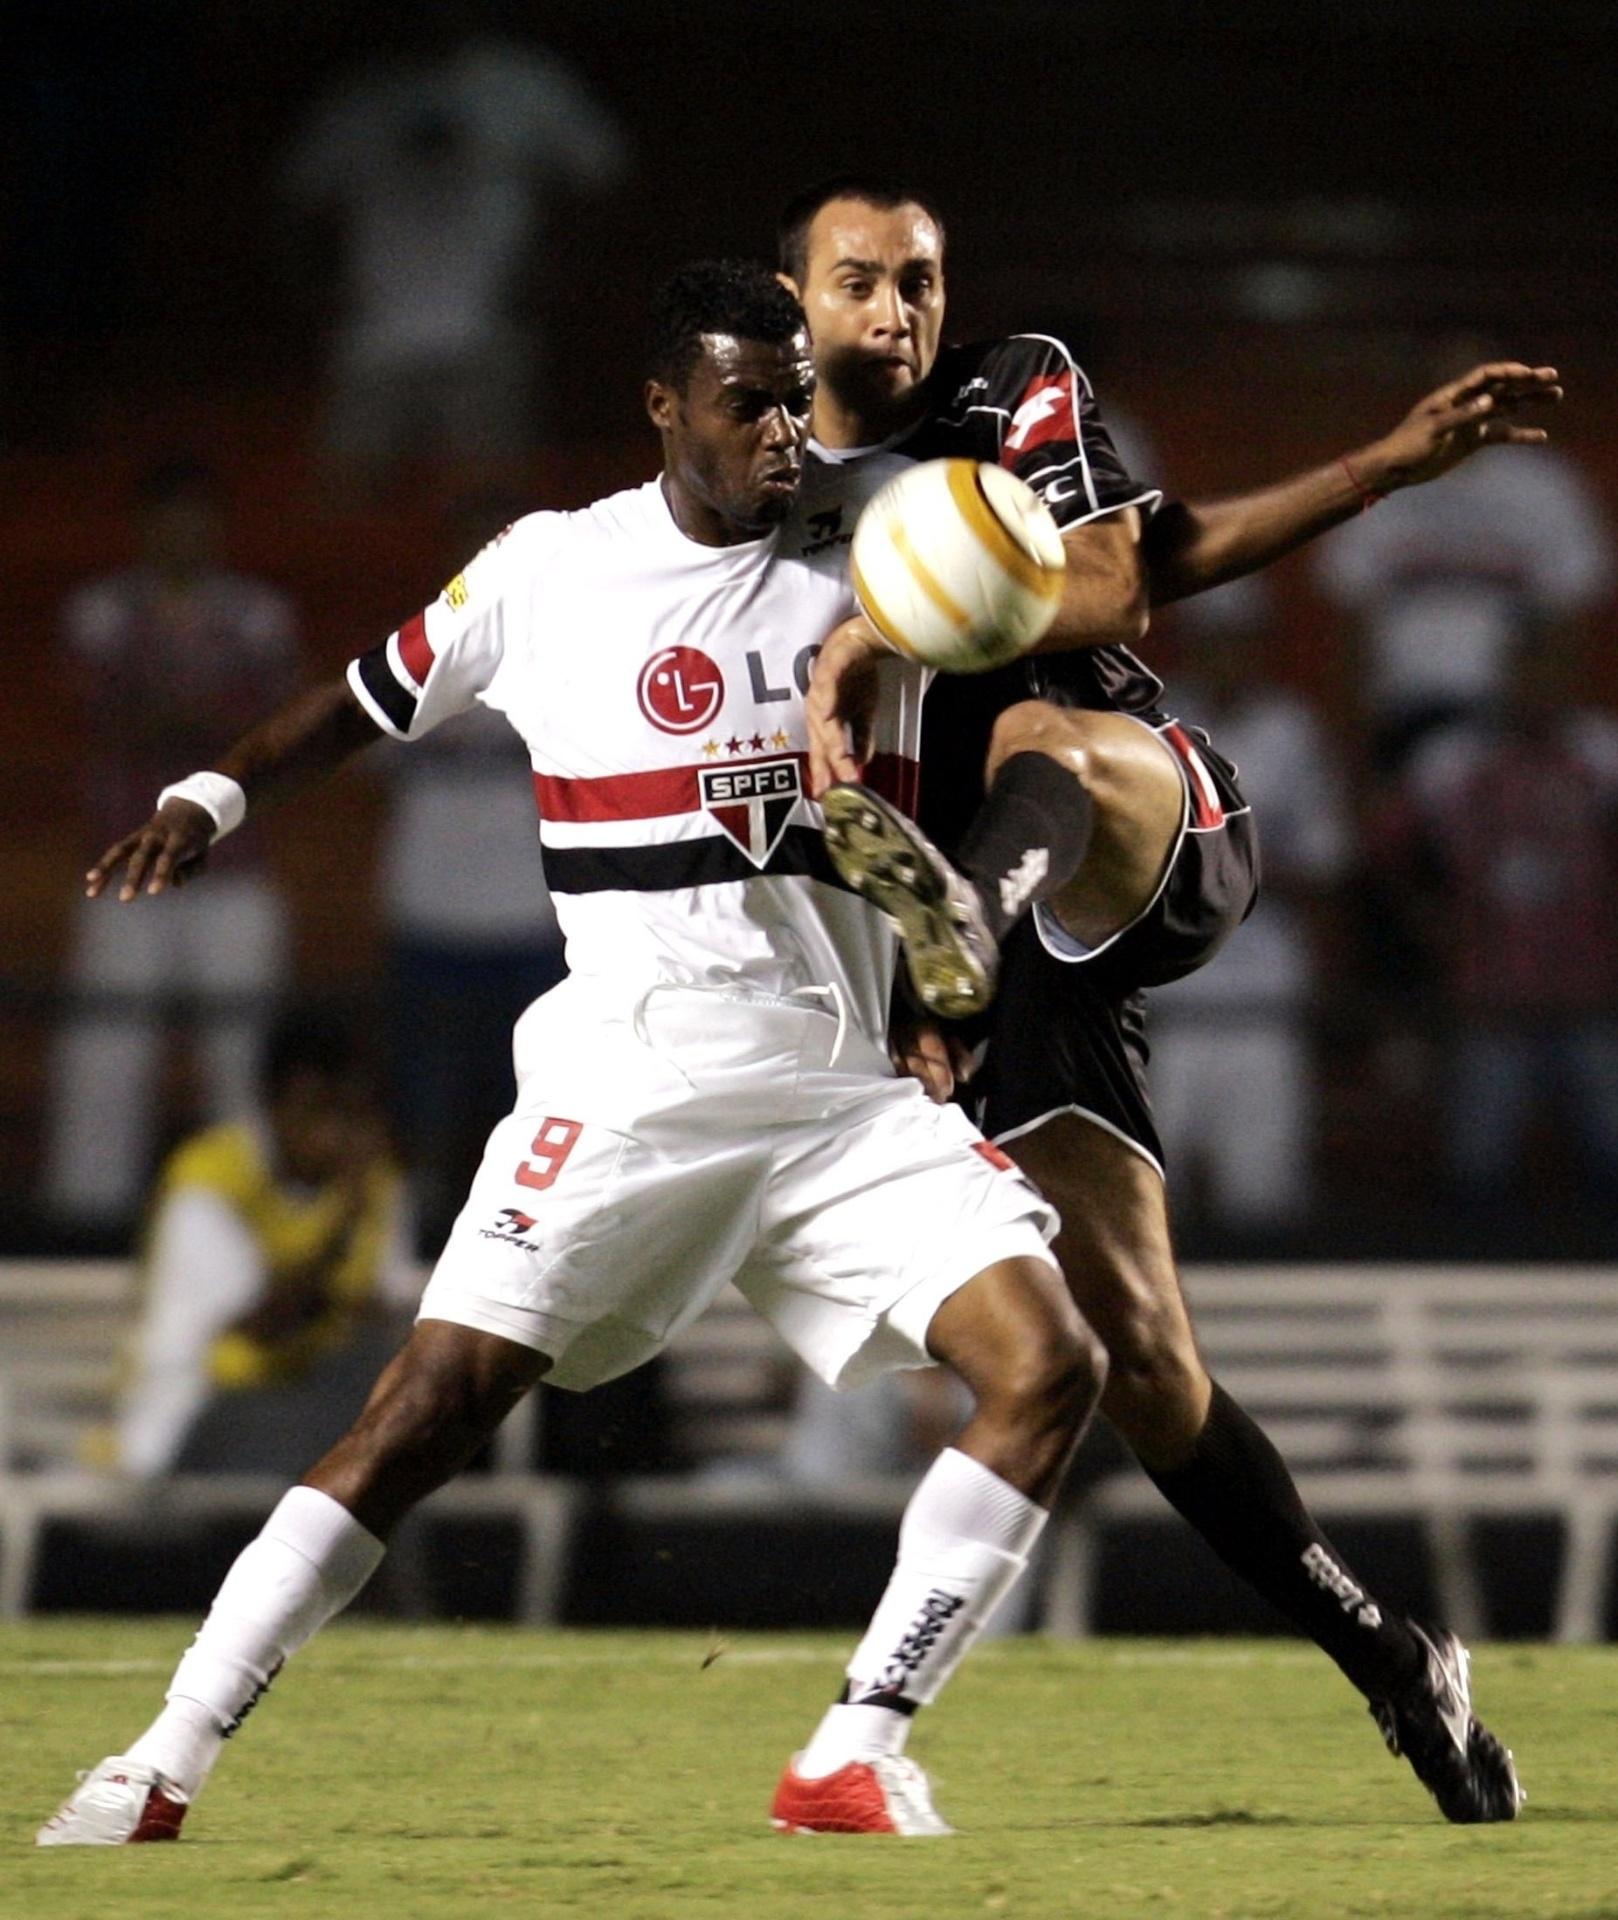 Grafite e Desábato disputam a bola no jogo São Paulo e Quilmes, válido pela fase de grupos da Libertadores 2005